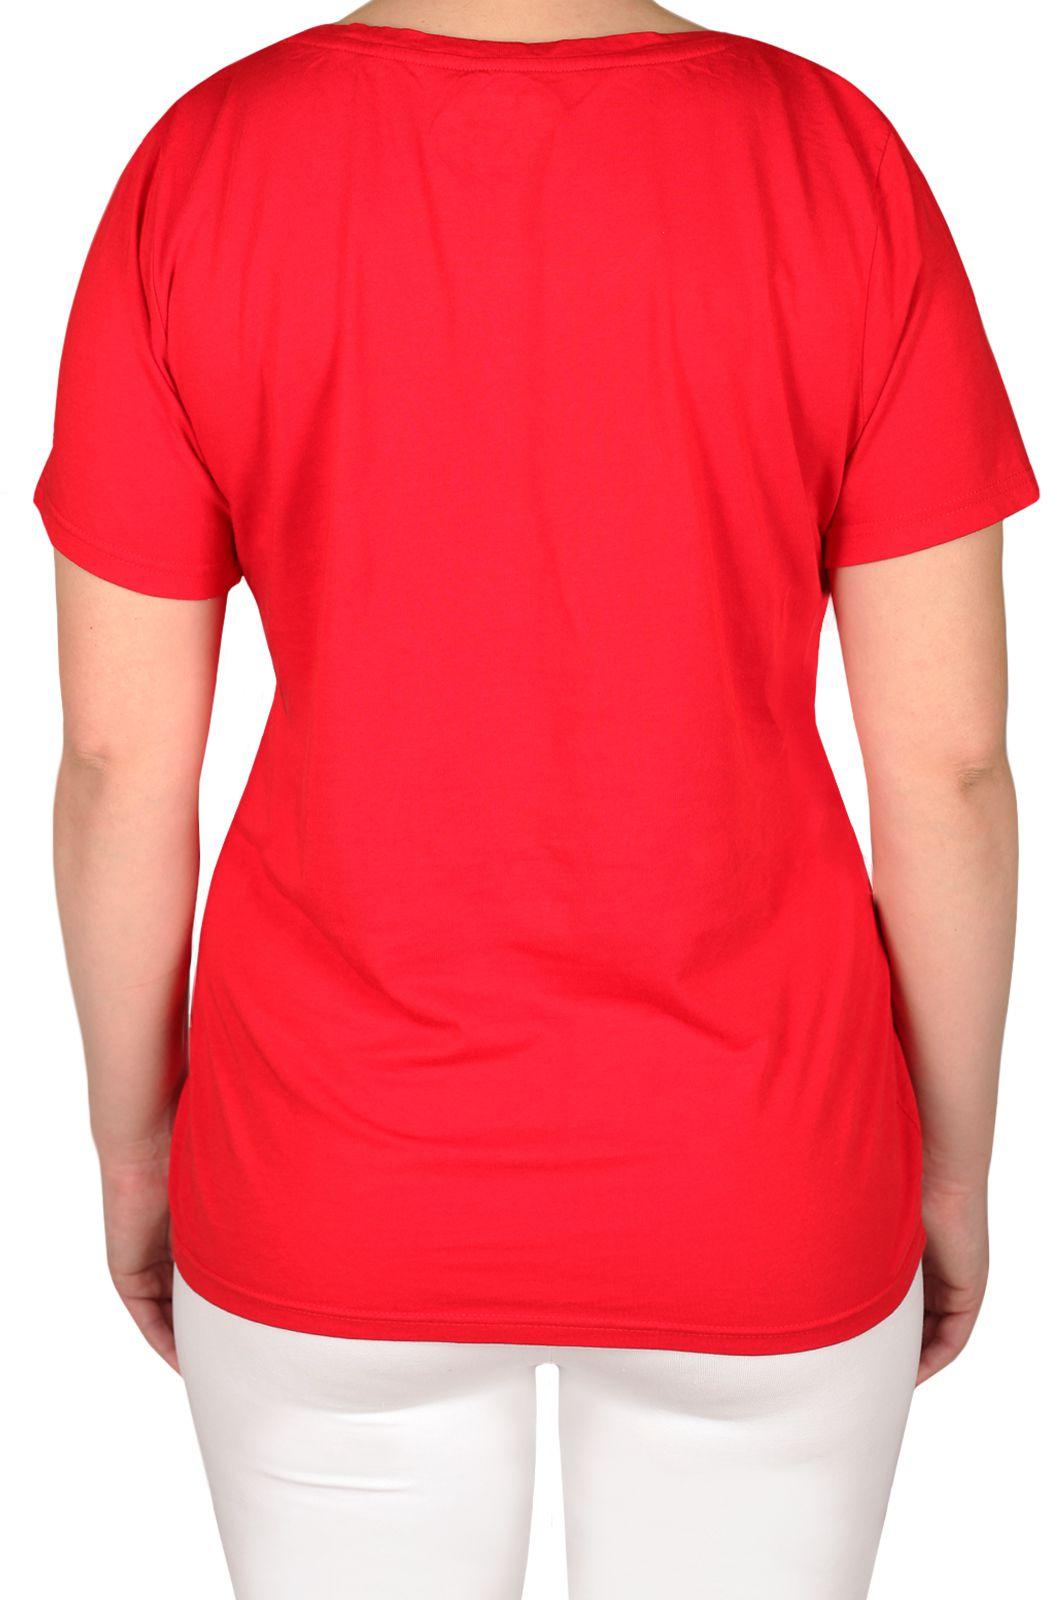 Яркая женская футболка от бренда Loveless Cafe (США) - вид сзади